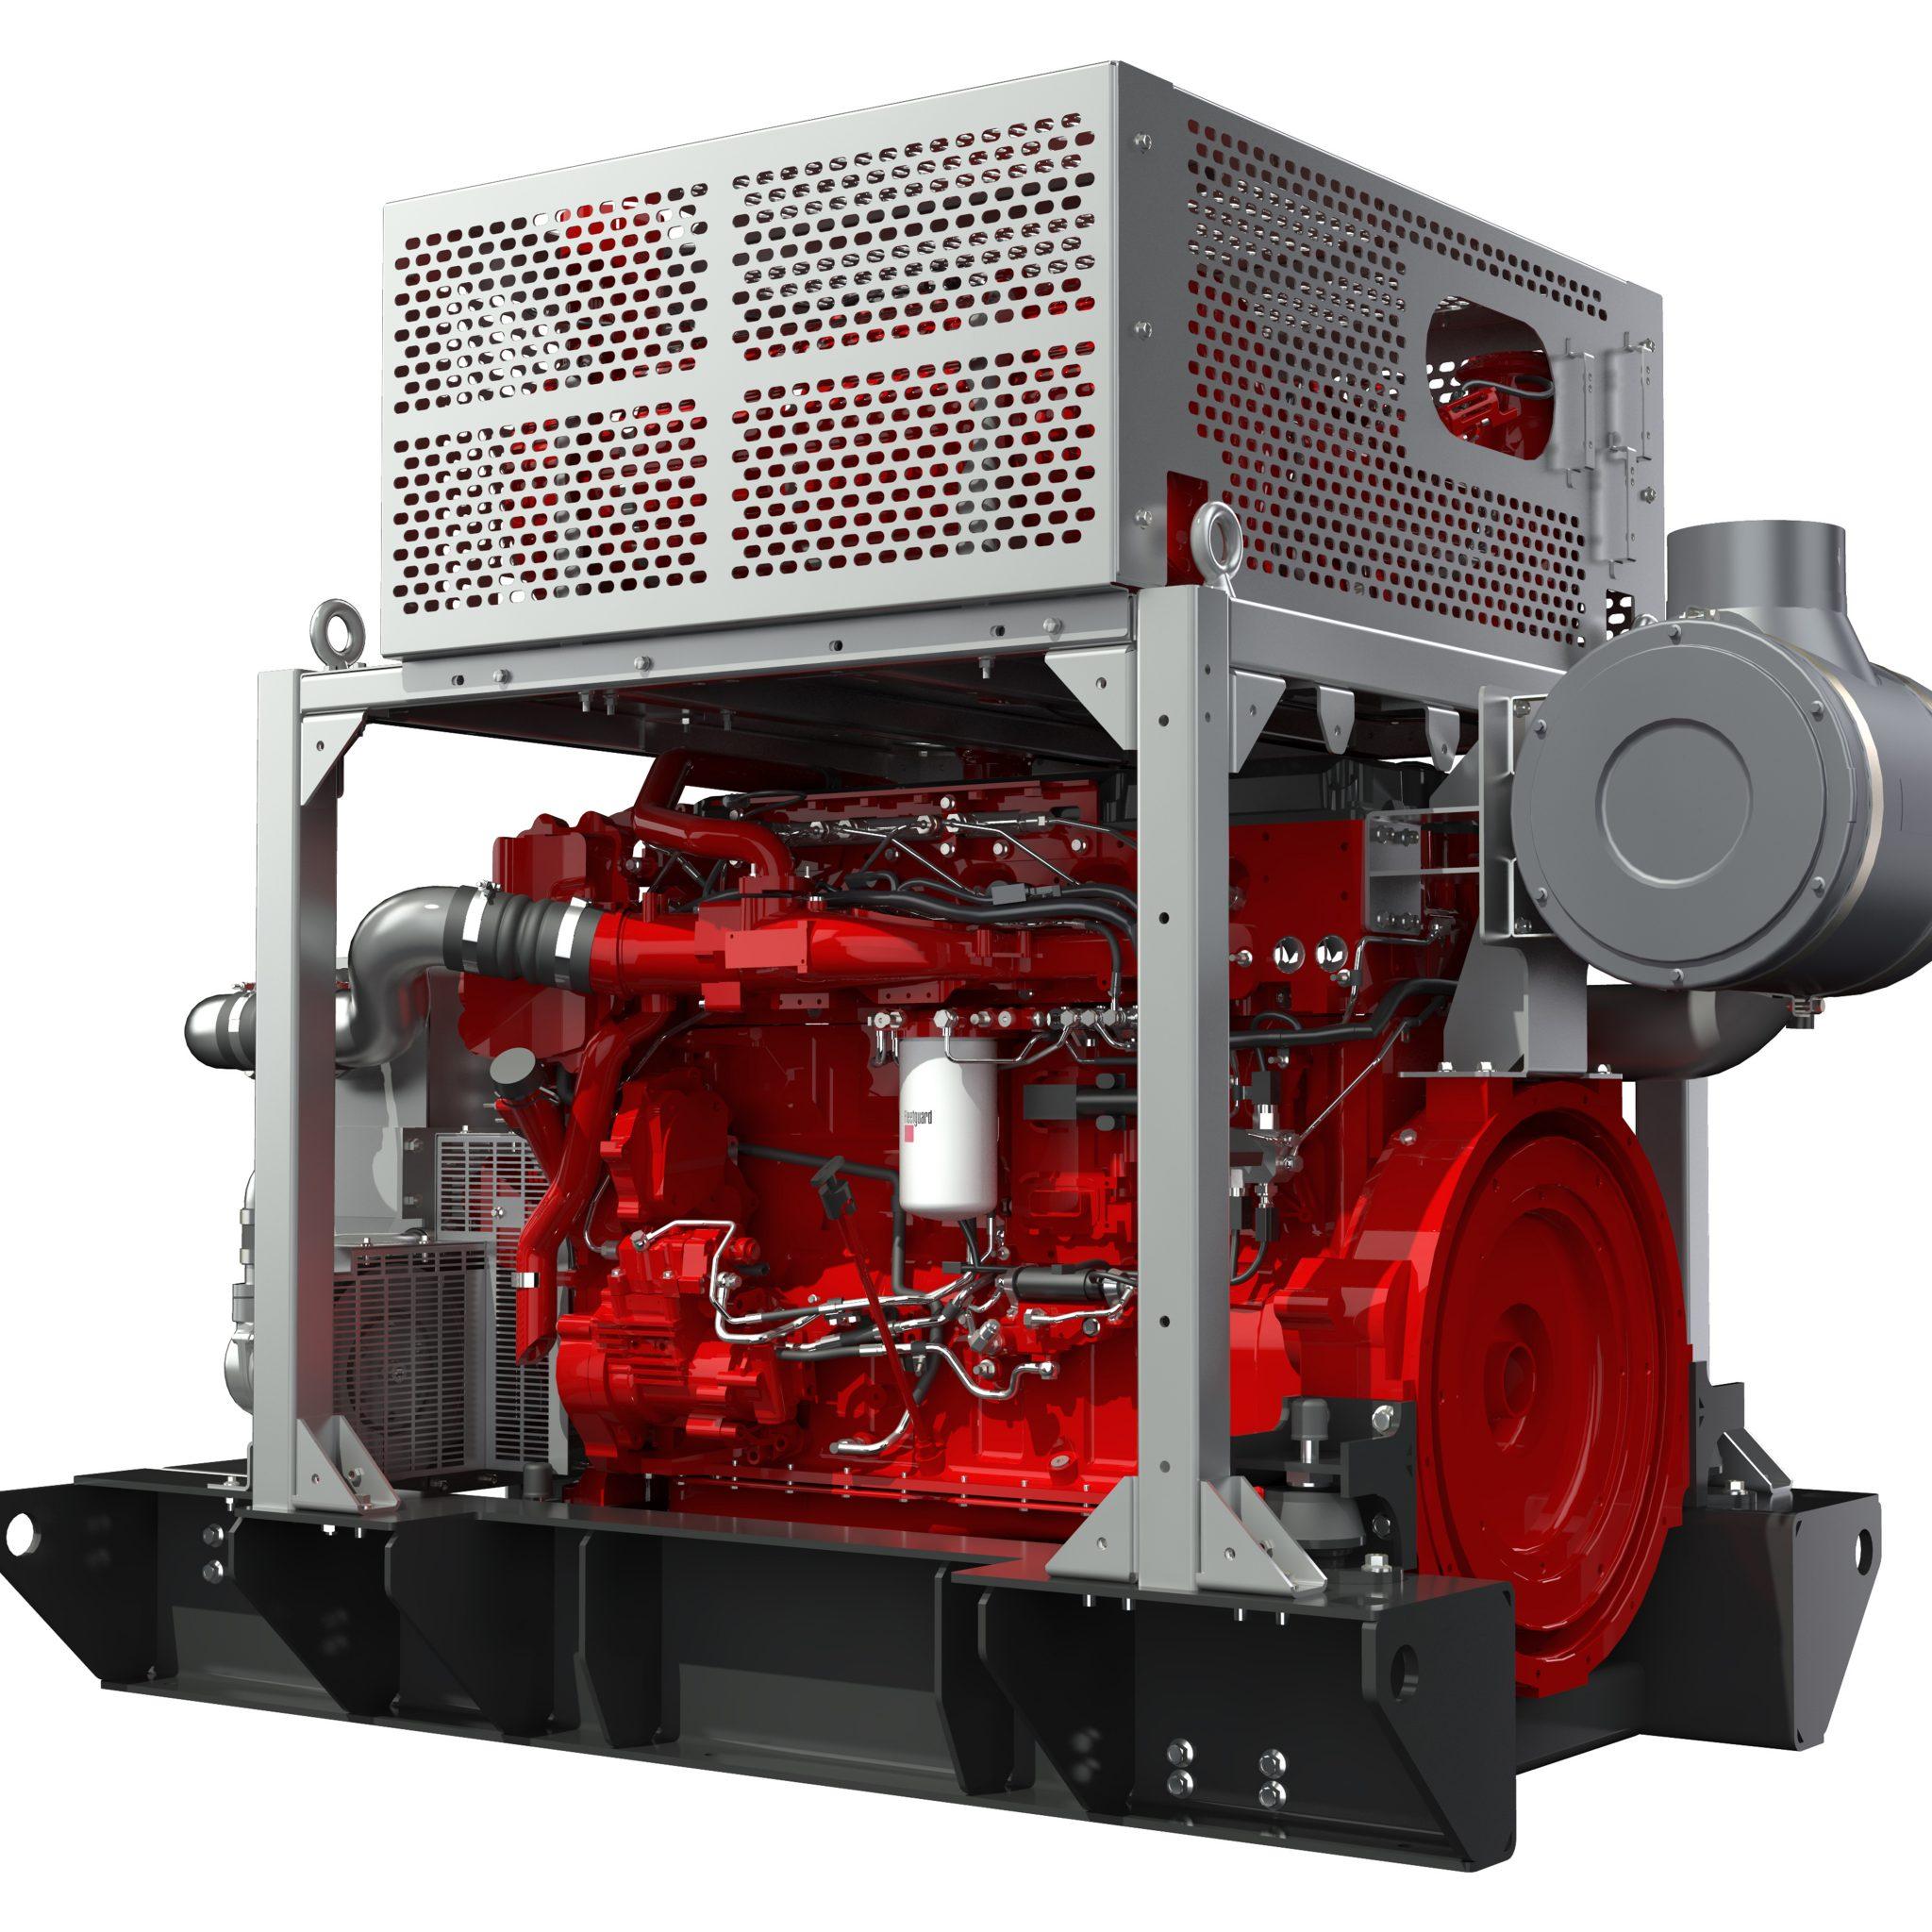 De X15 is een door Cummins gemariniseerde industriemotor en levert maximaal 505 kW. Het complete nabehandelingssysteem is naar wens van de klant naast of bovenop de motor gemonteerd. (Foto's Cummins)